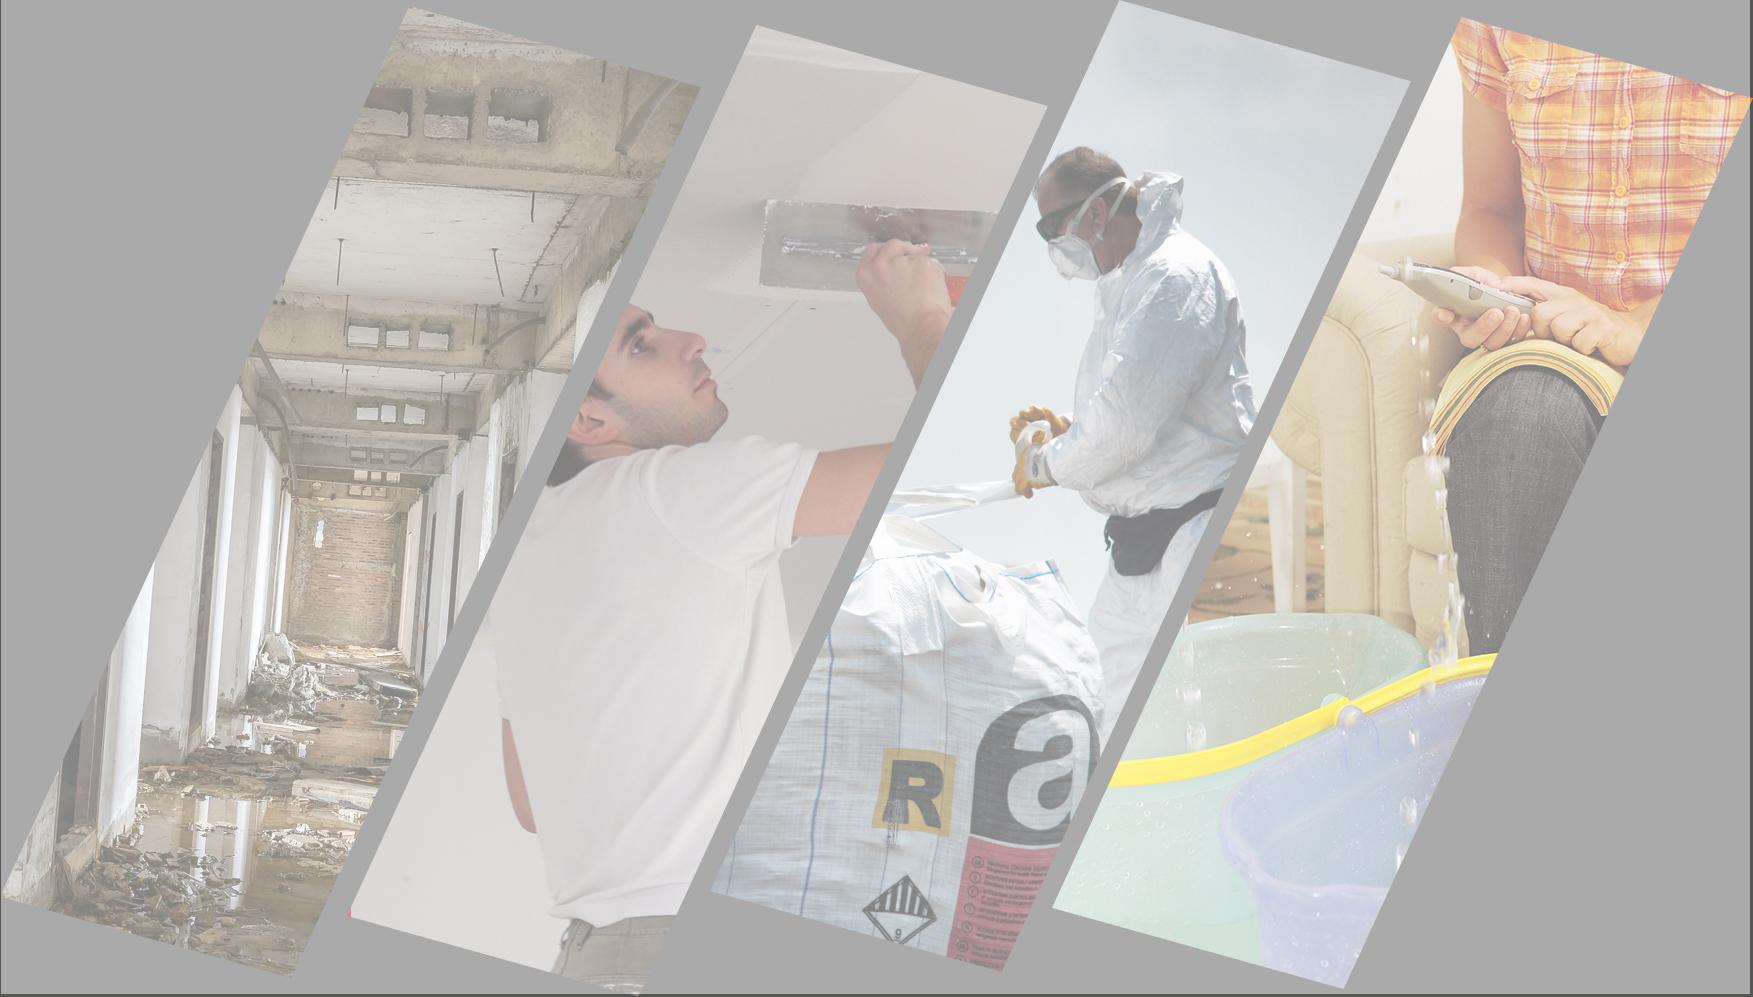 Groupe 3iD - Décontamination, Rénovation, Désamiantage, Recherche de fuites